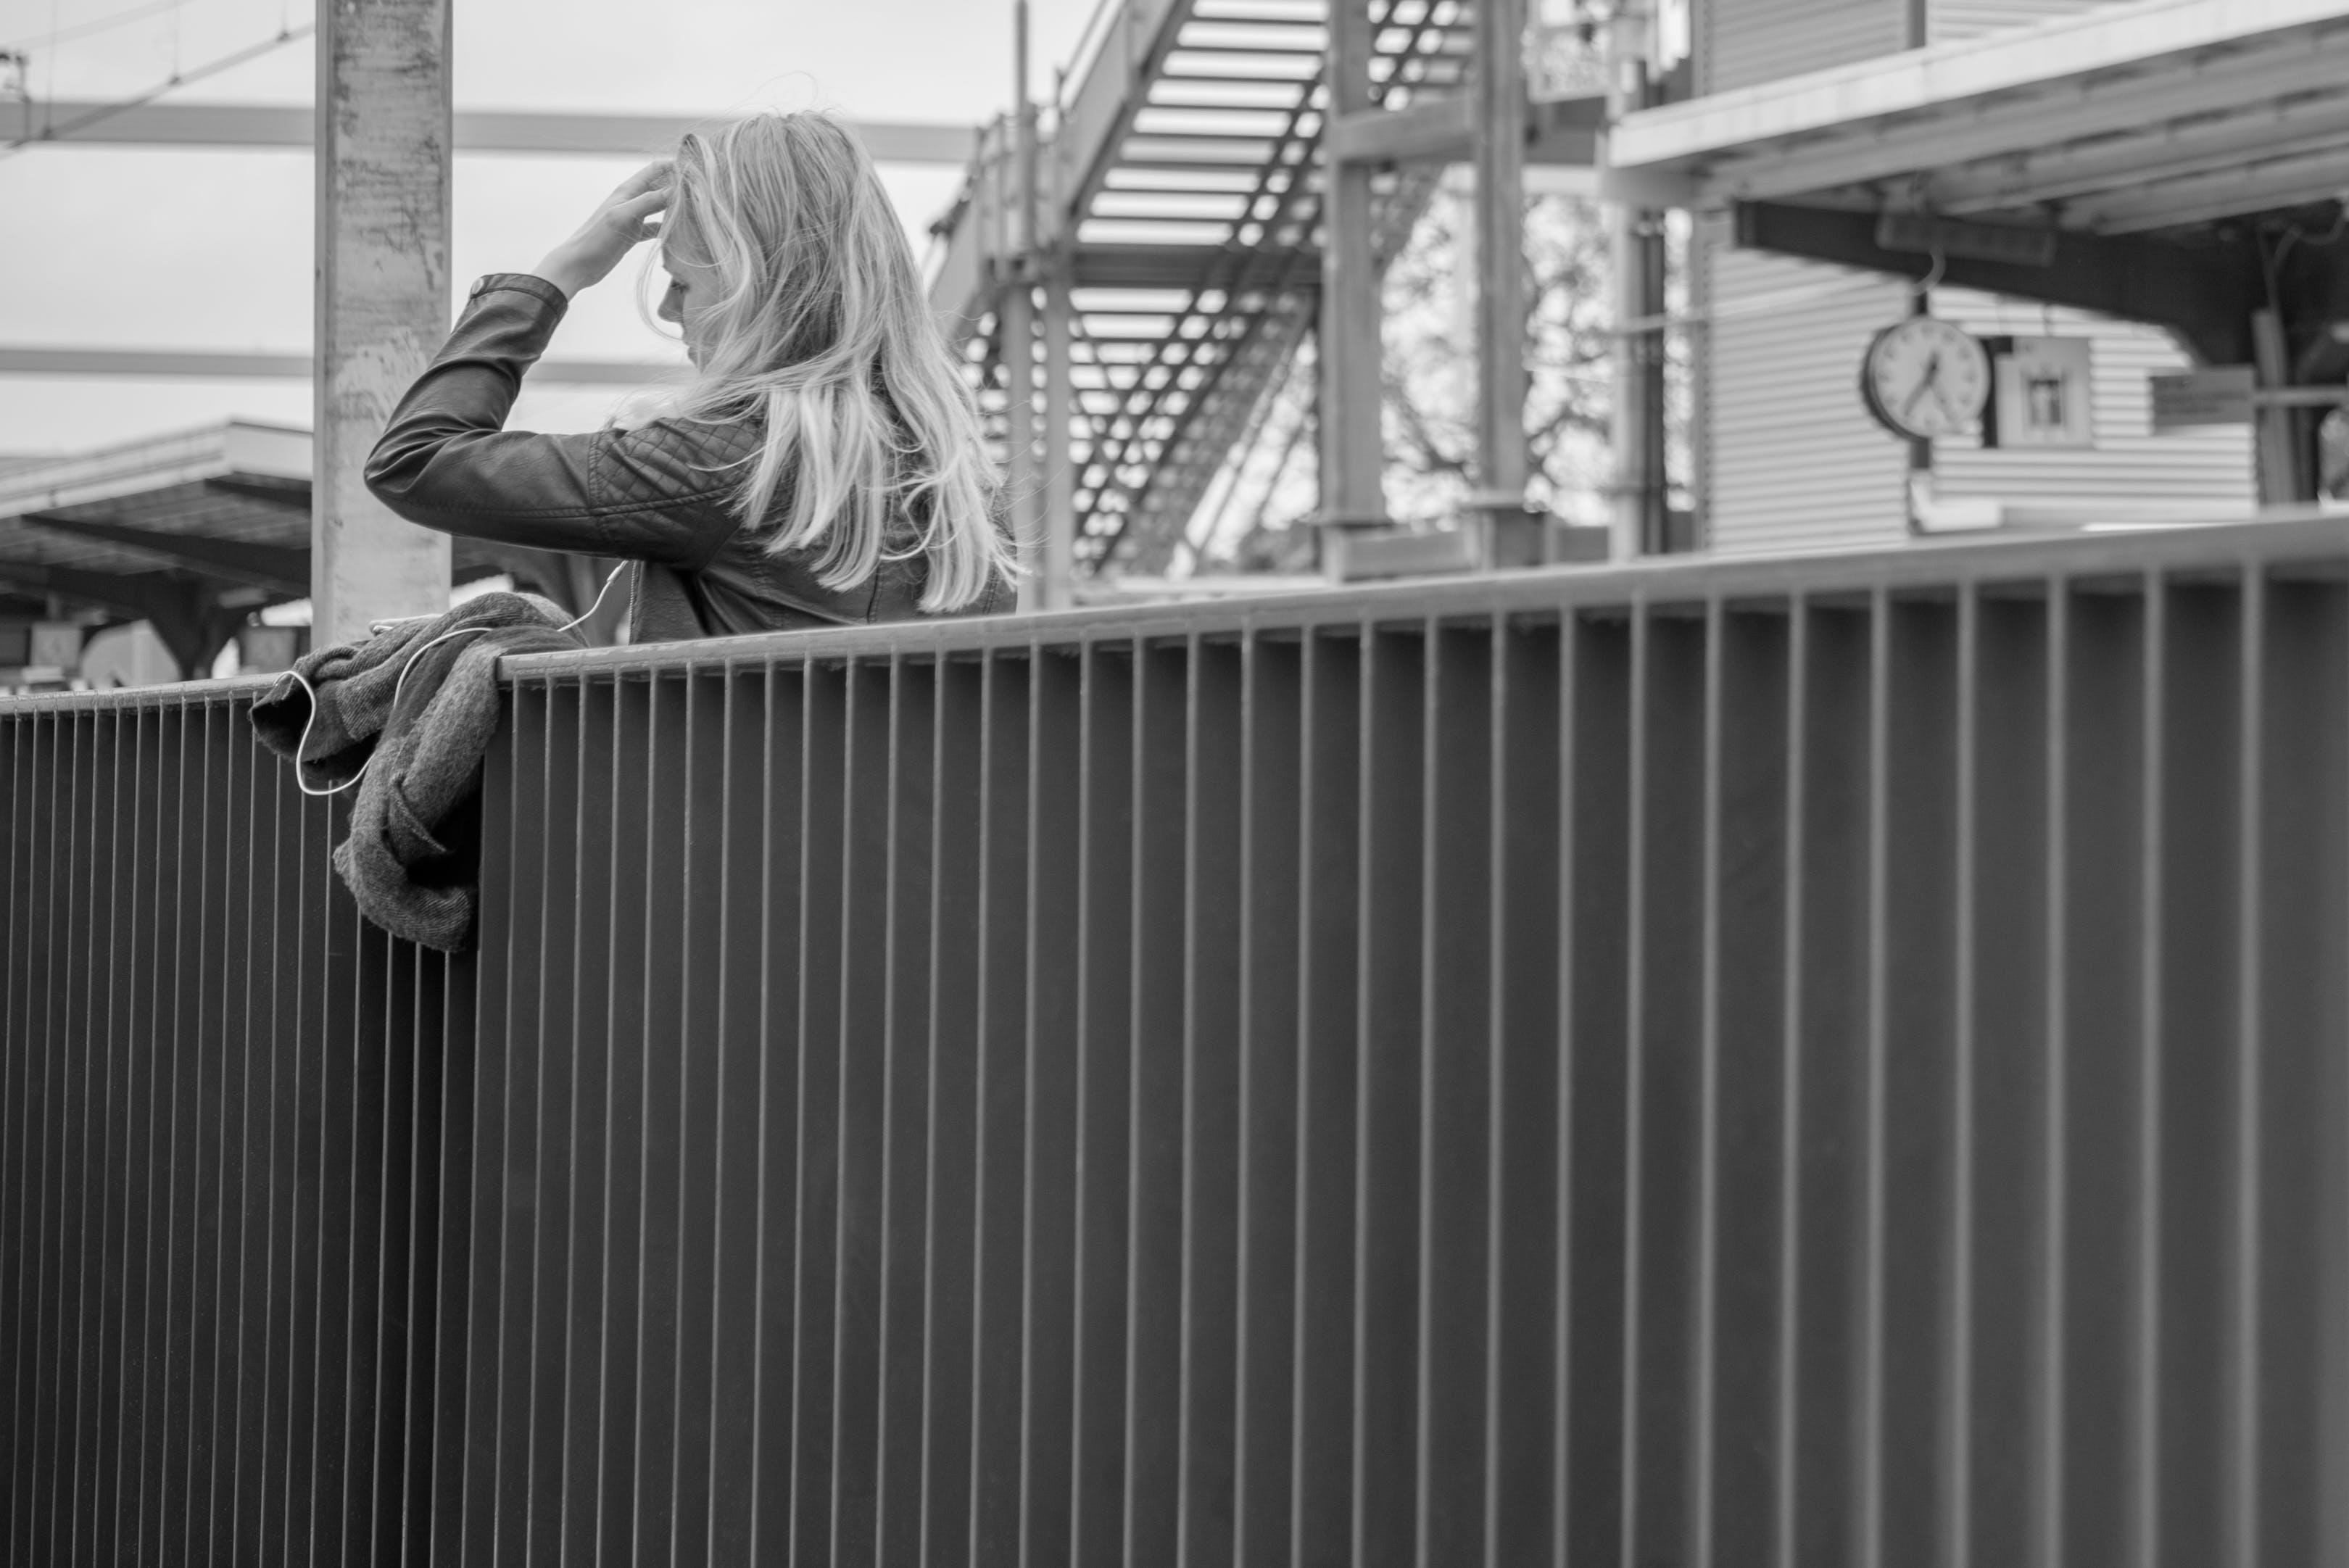 Kostenloses Stock Foto zu blond, brücke, draußen, erwachsener